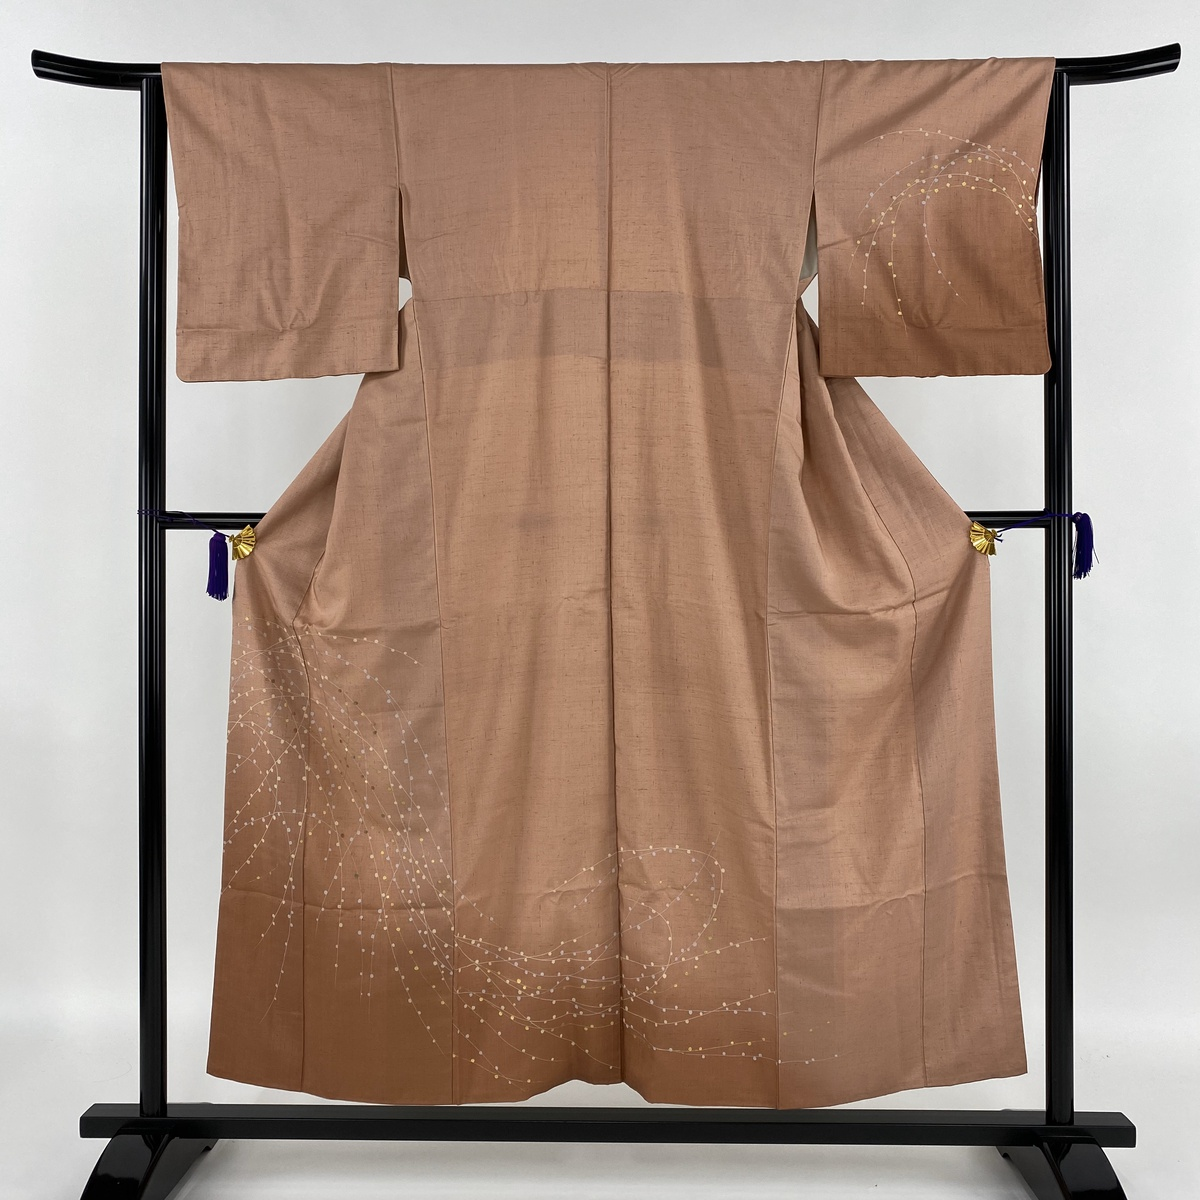 訪問着 秀品 紬地 柳 金彩 刺繍 茜色 袷 身丈155cm 裄丈63.5cm S 正絹 【中古】